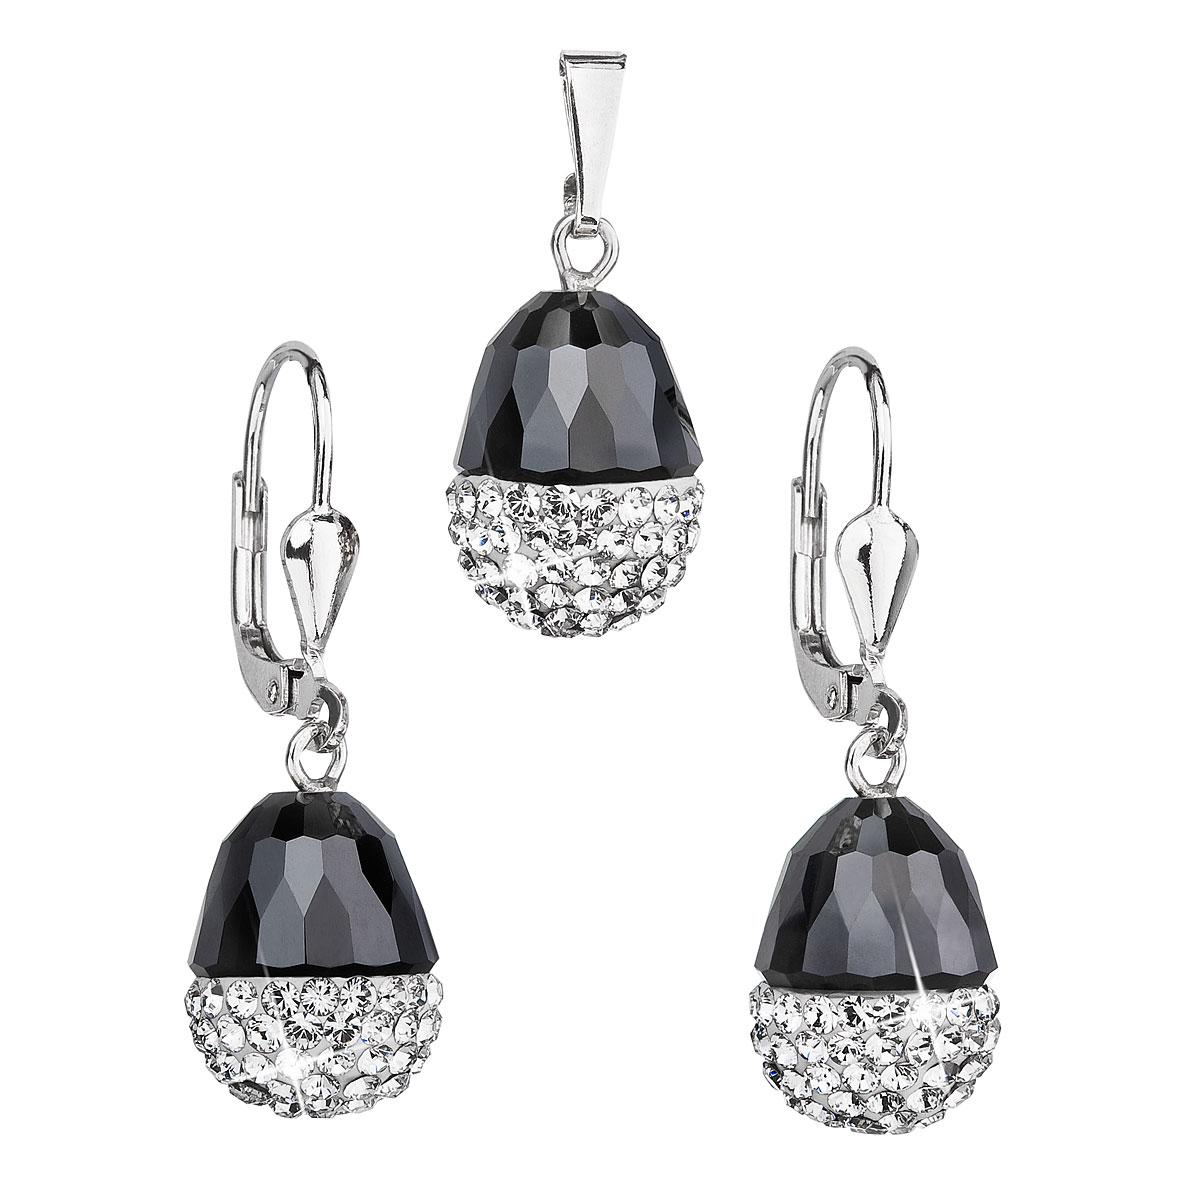 Sada šperkov s krištáľmi Swarovski náušnice a prívesok bielo-čierny ovál 39127.1